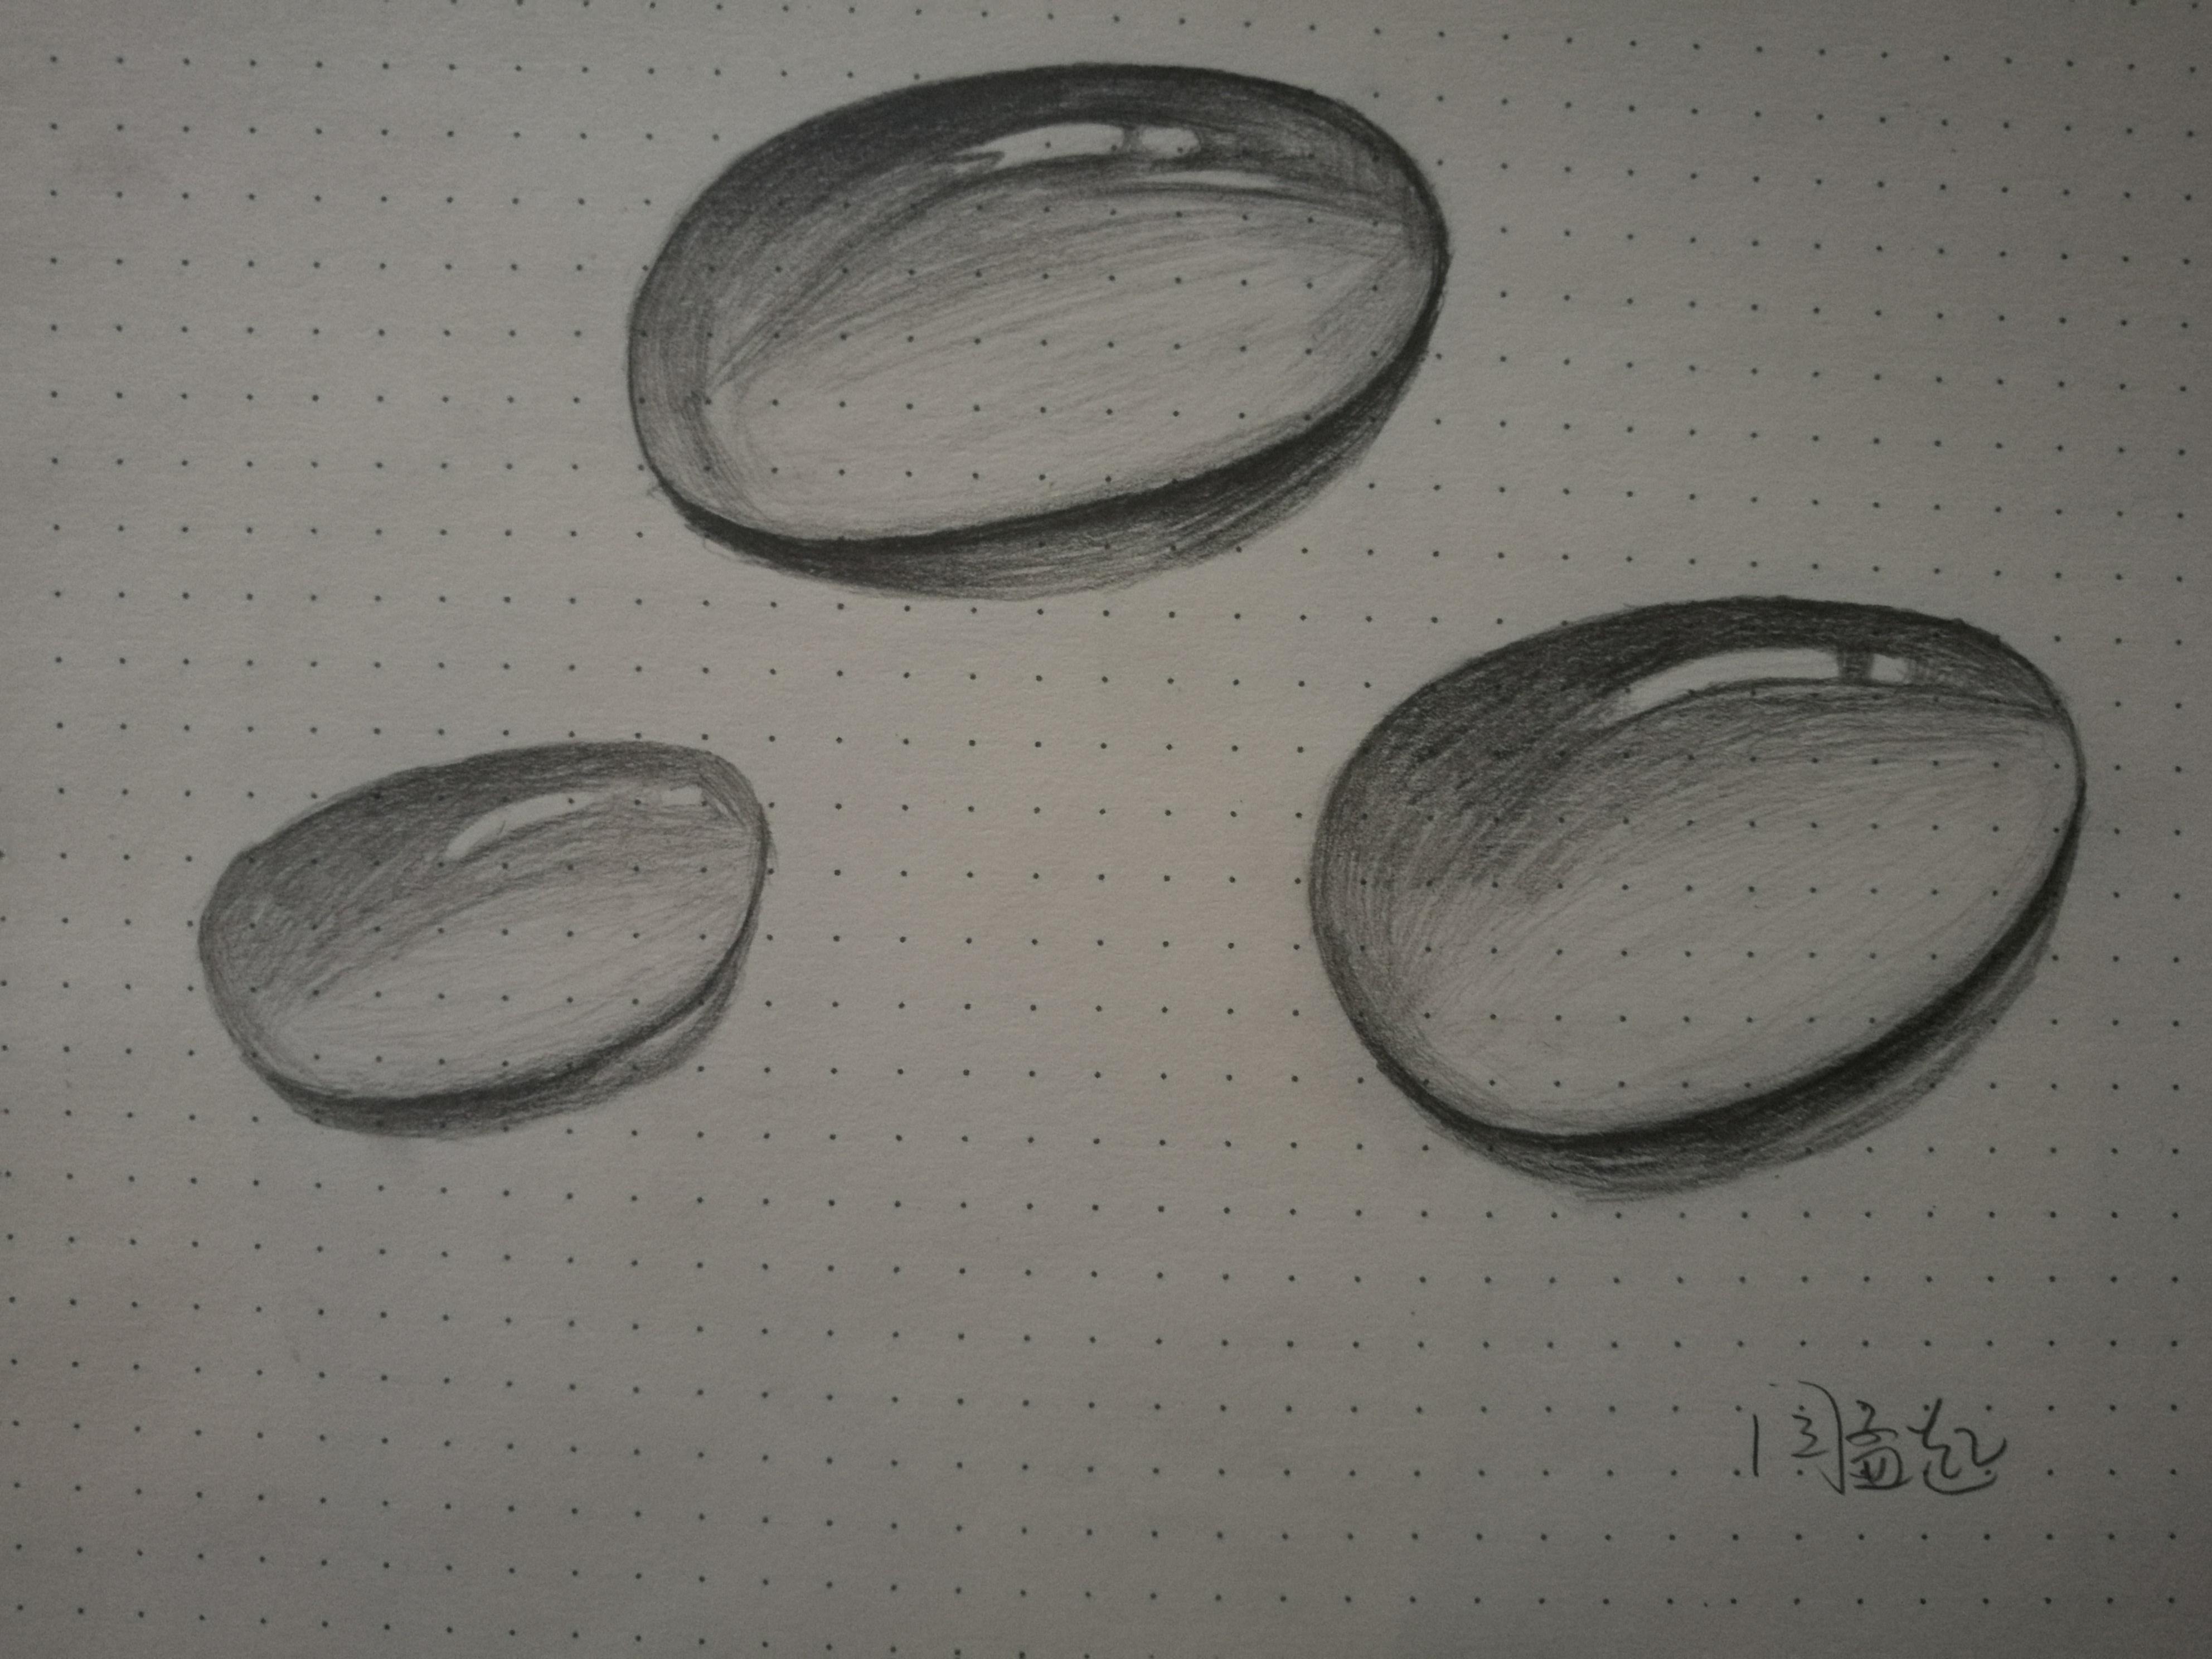 水滴(手绘) 纯艺术 素描 努力的小阿呆 - 原创作品